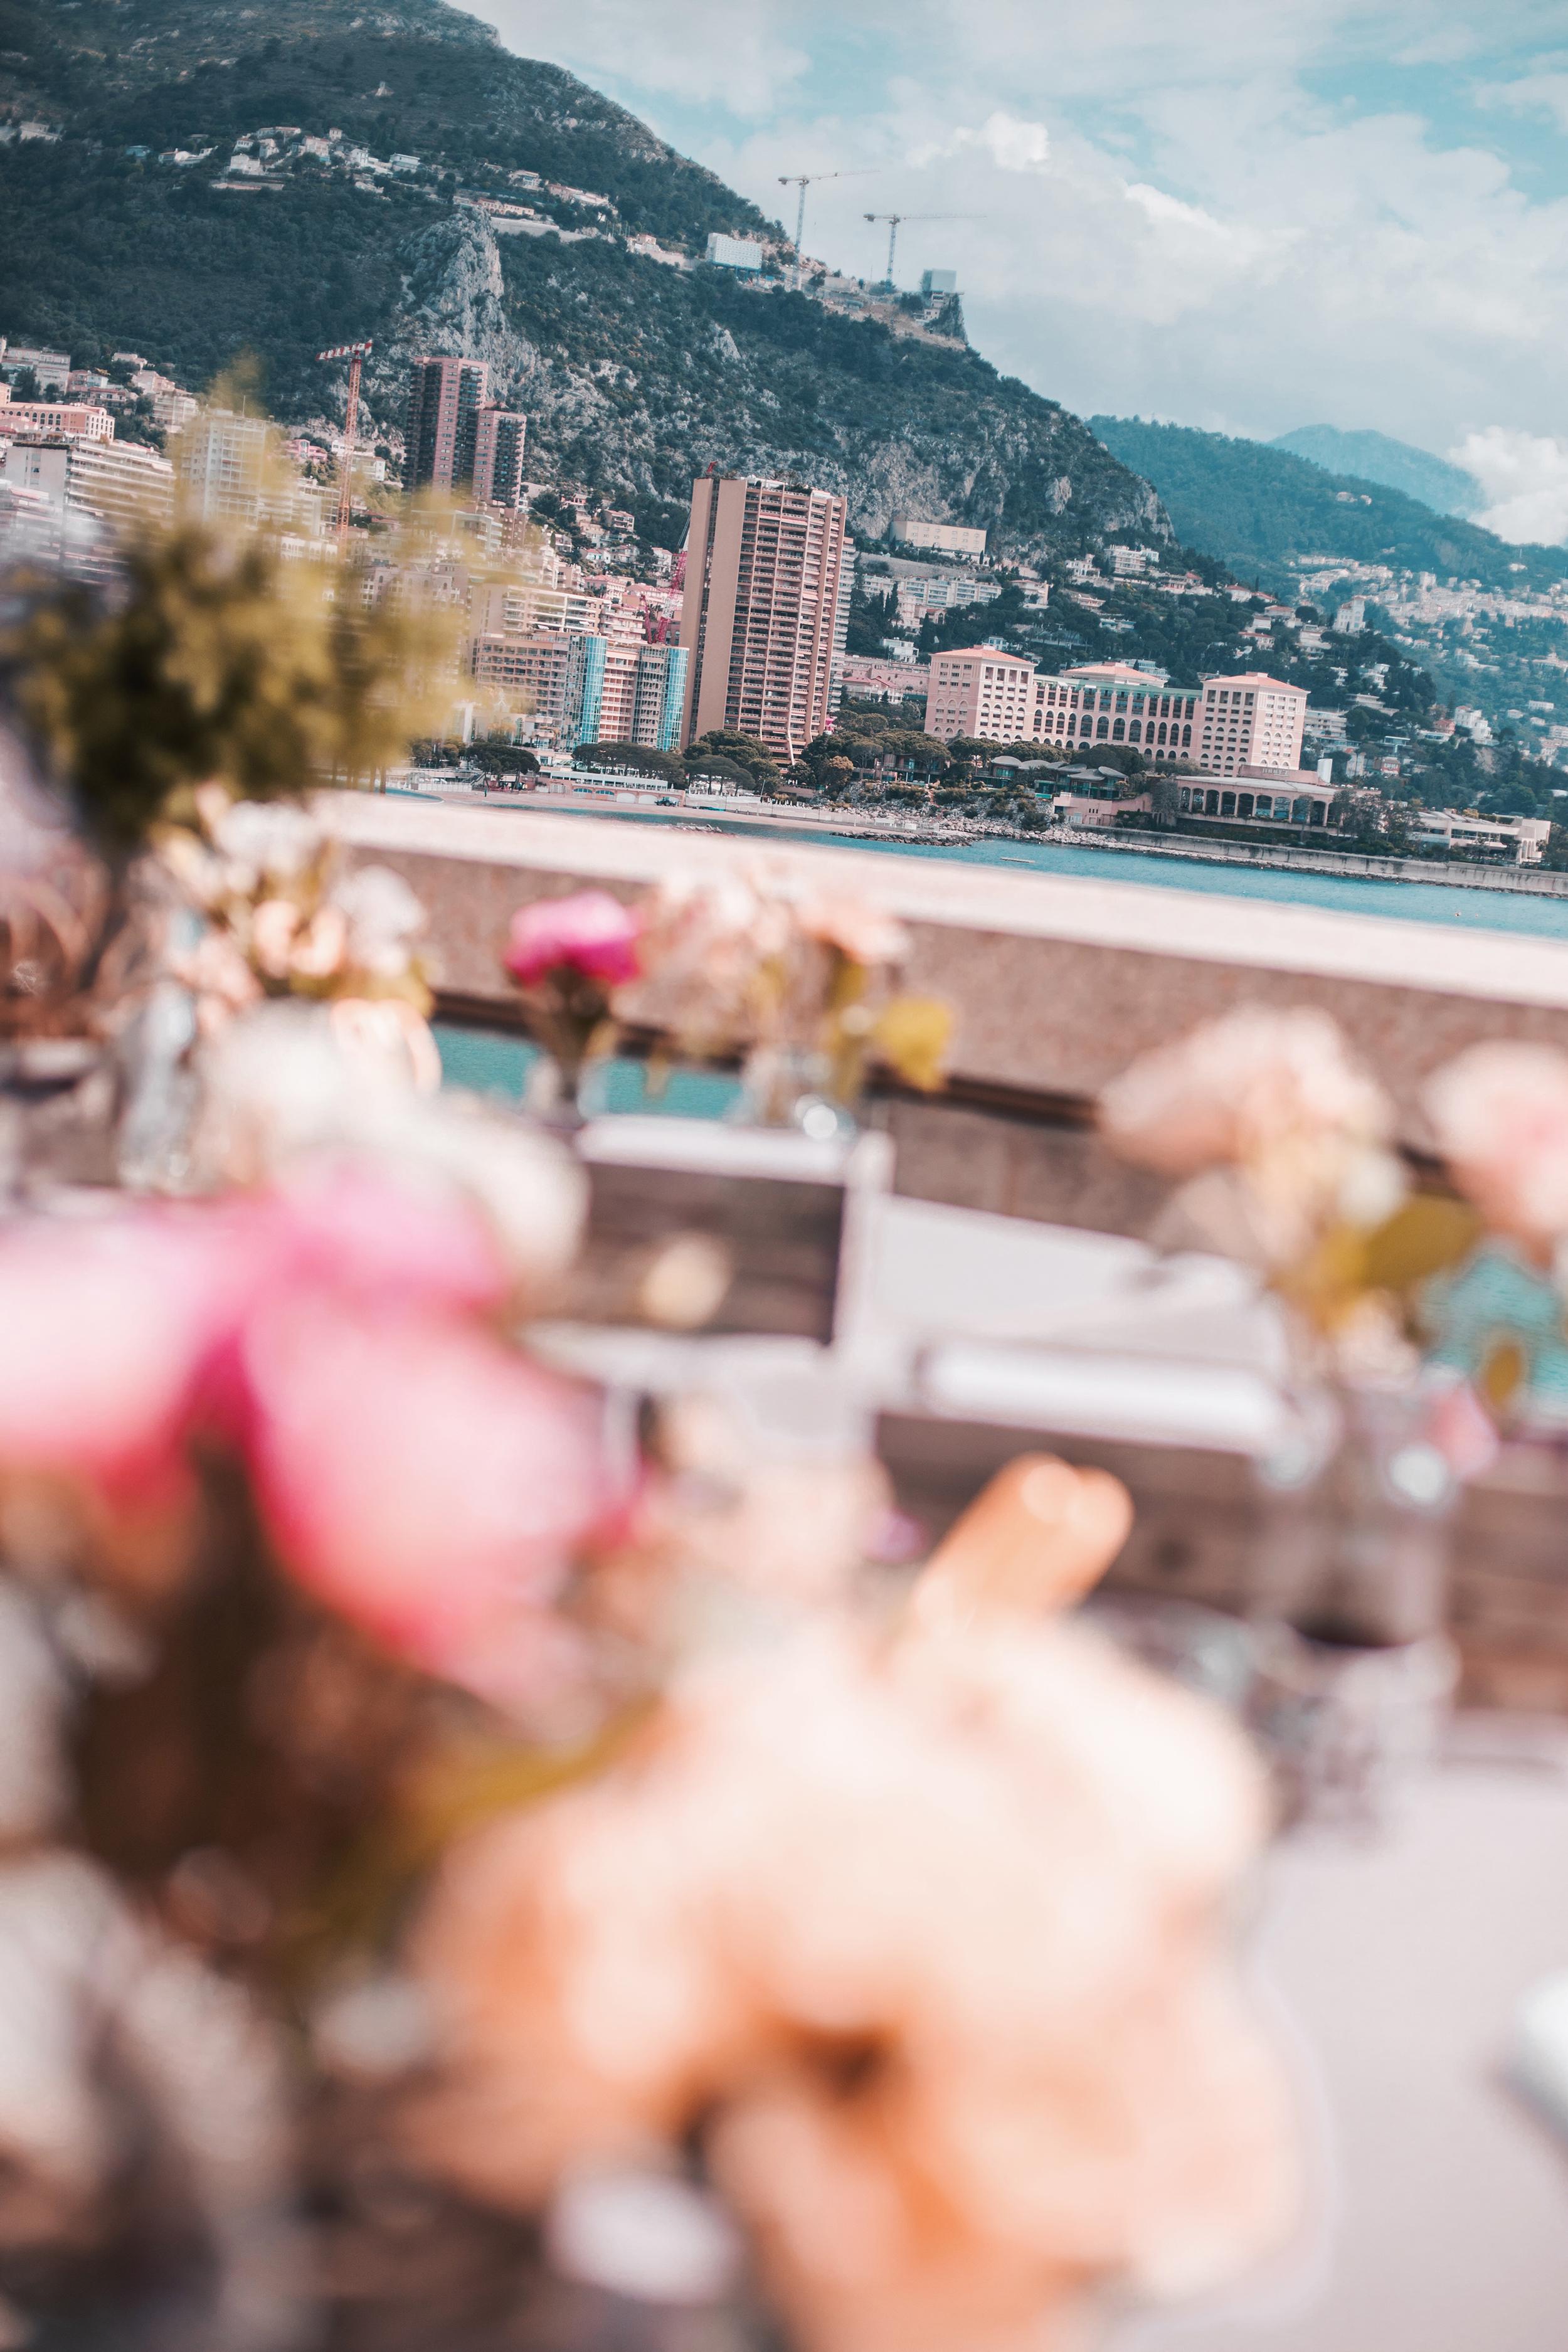 fairmont-hotels-monte-carlo_nikki-beach_8.jpg